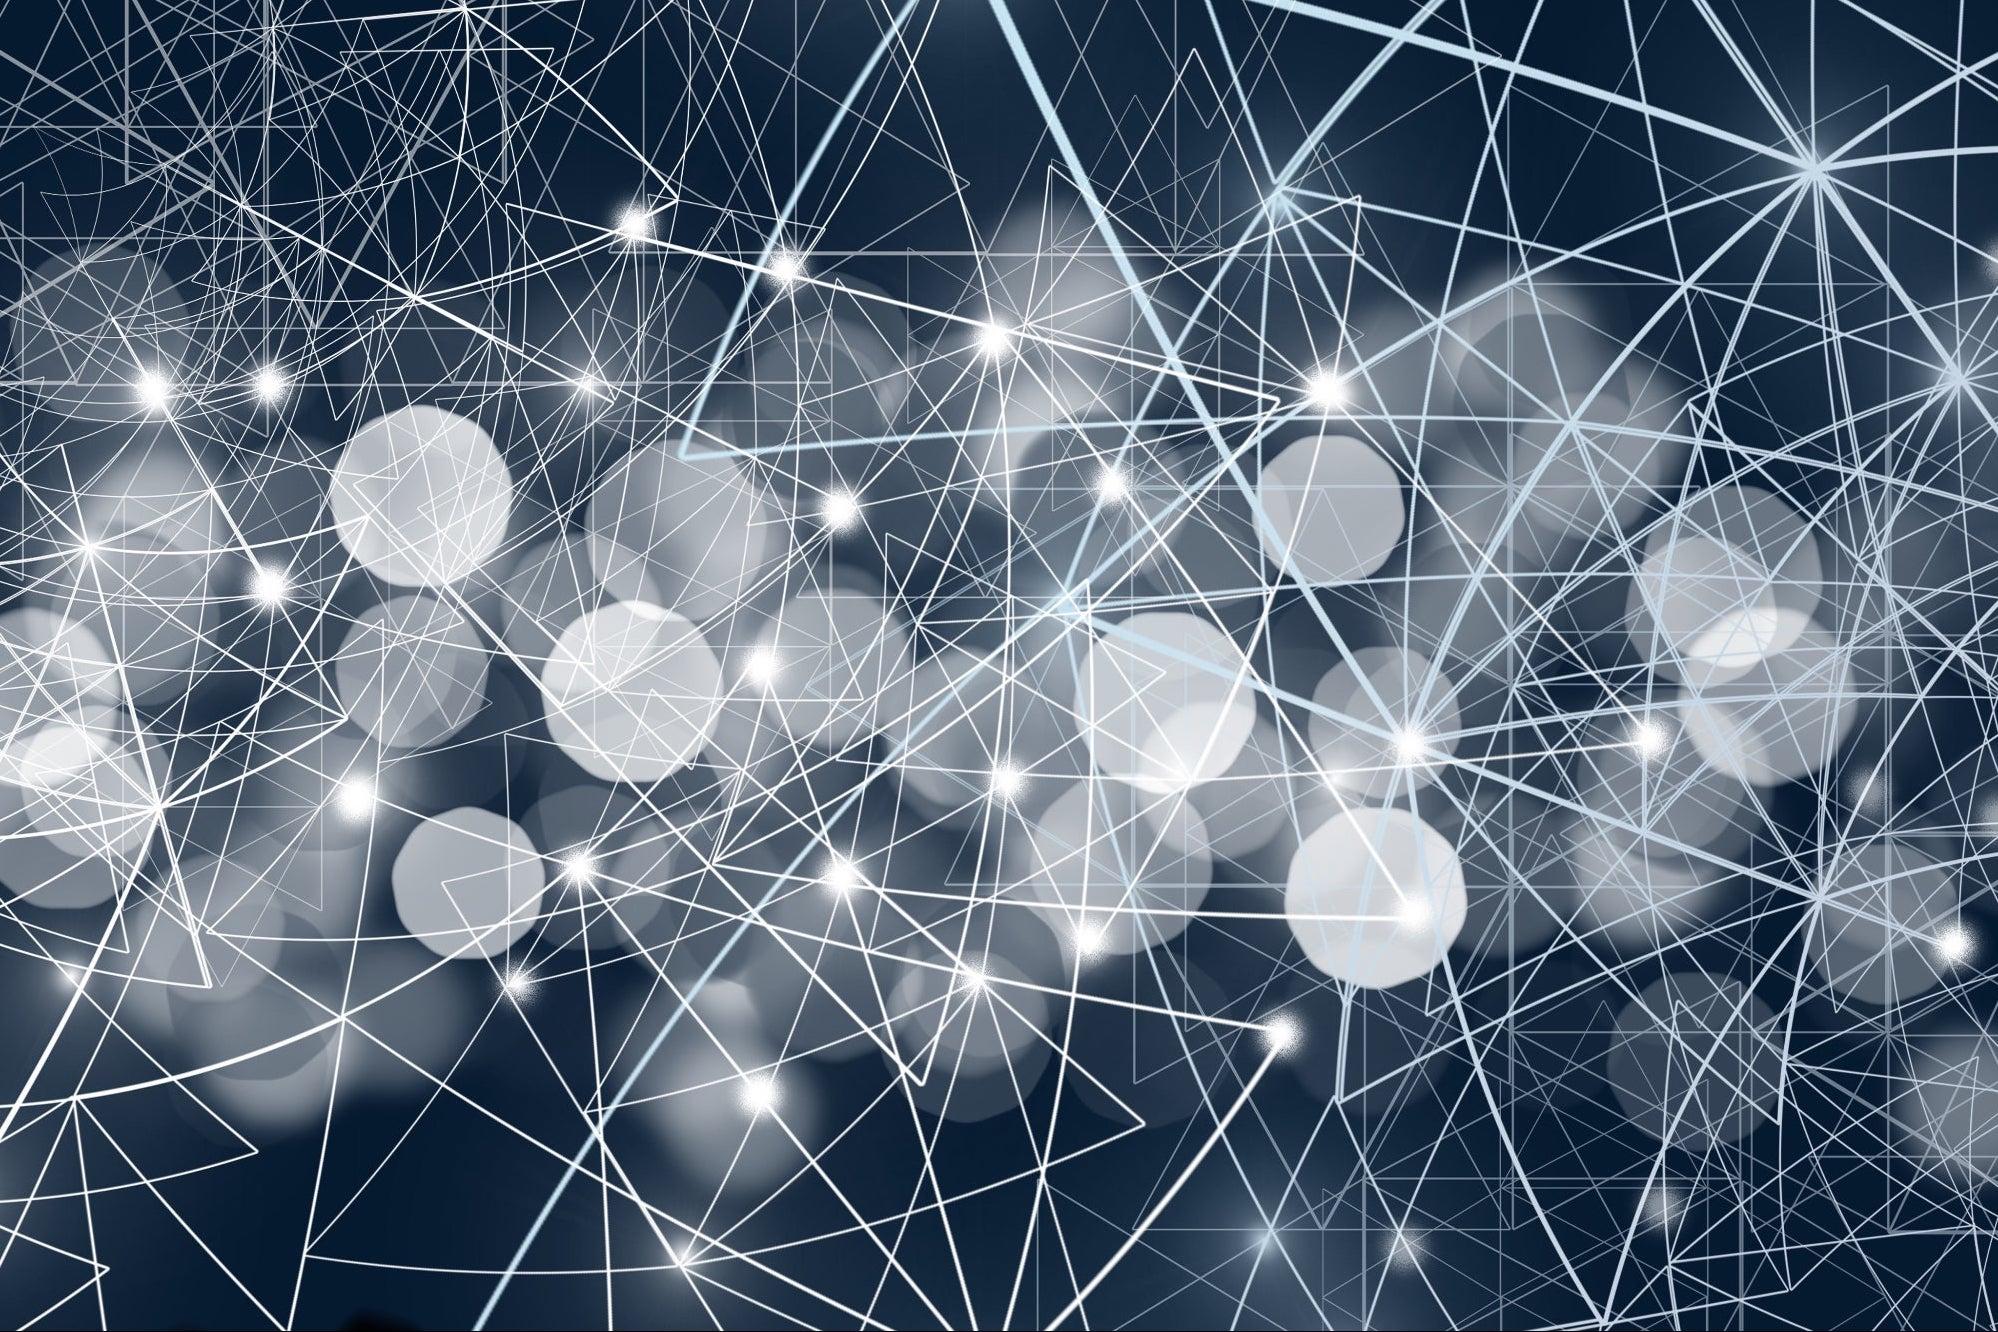 Интеллектуальное видеонаблюдение и машинное зрение в системах безопасности на крупных объектах